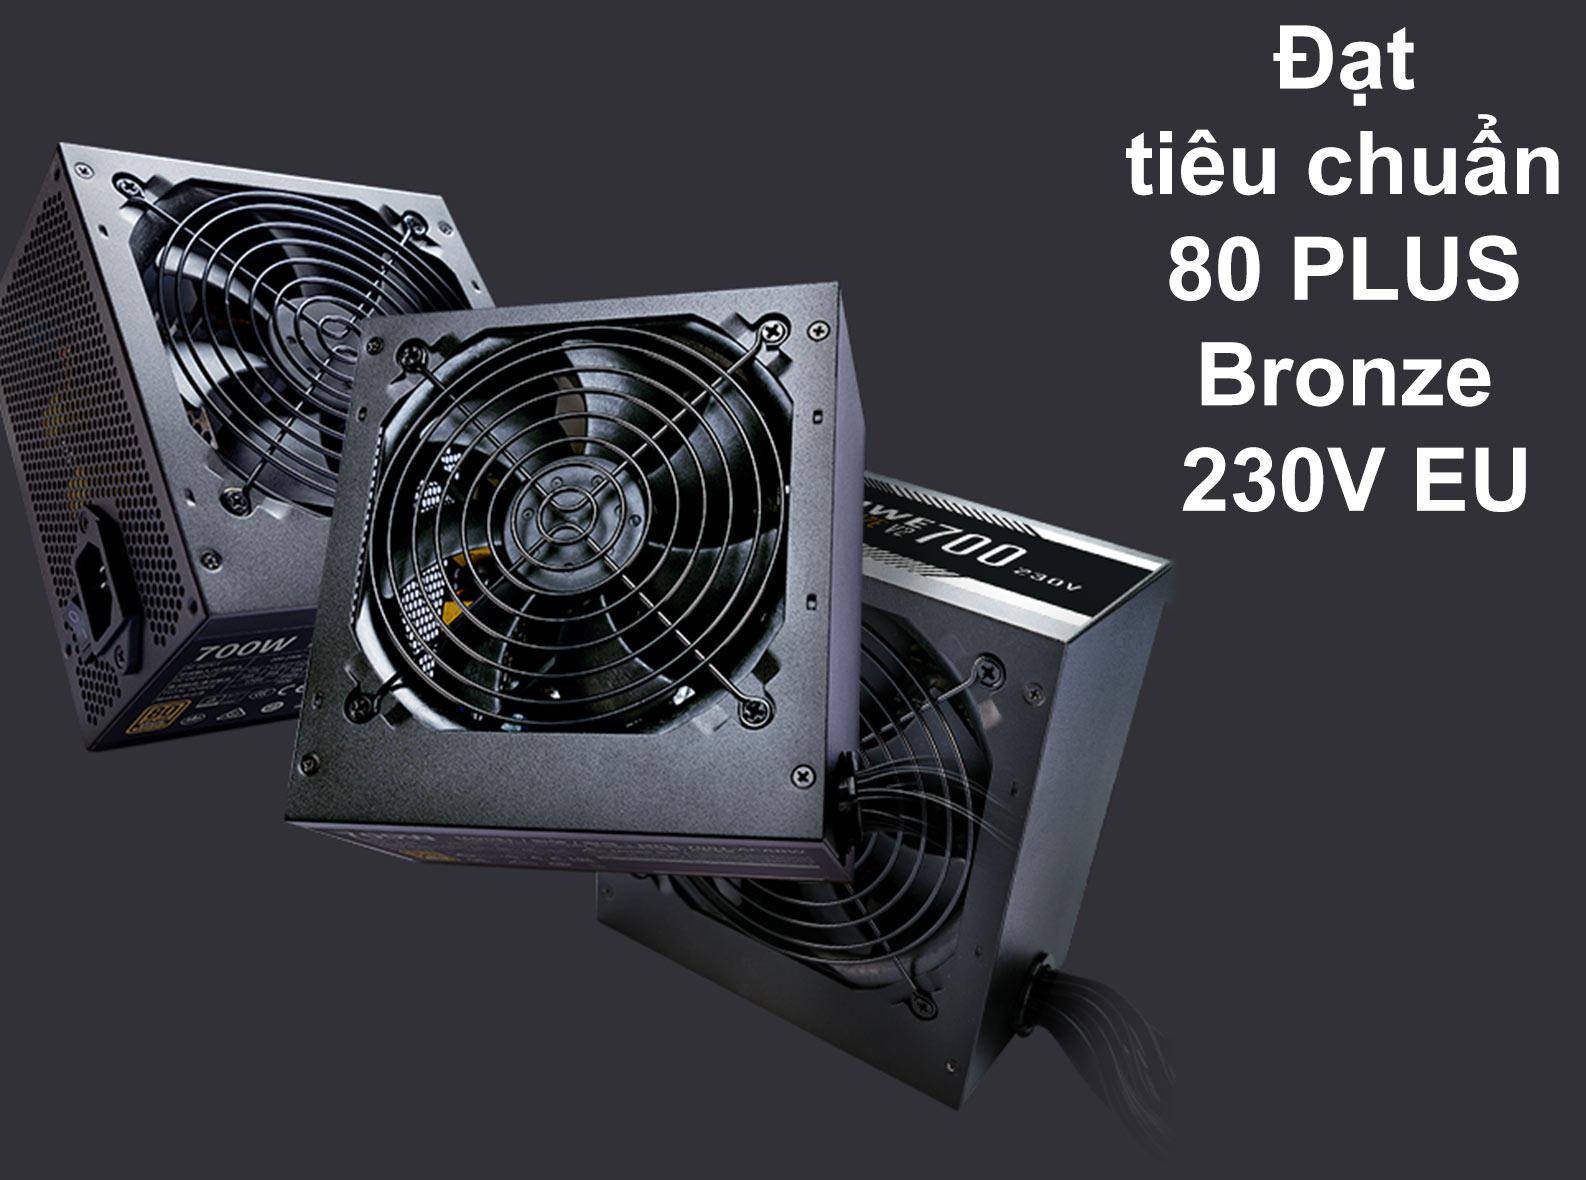 bộ nguồn Power CM MWE Bronze 700W V2 230V | Đạt tiêu chuẩn 80 Plus